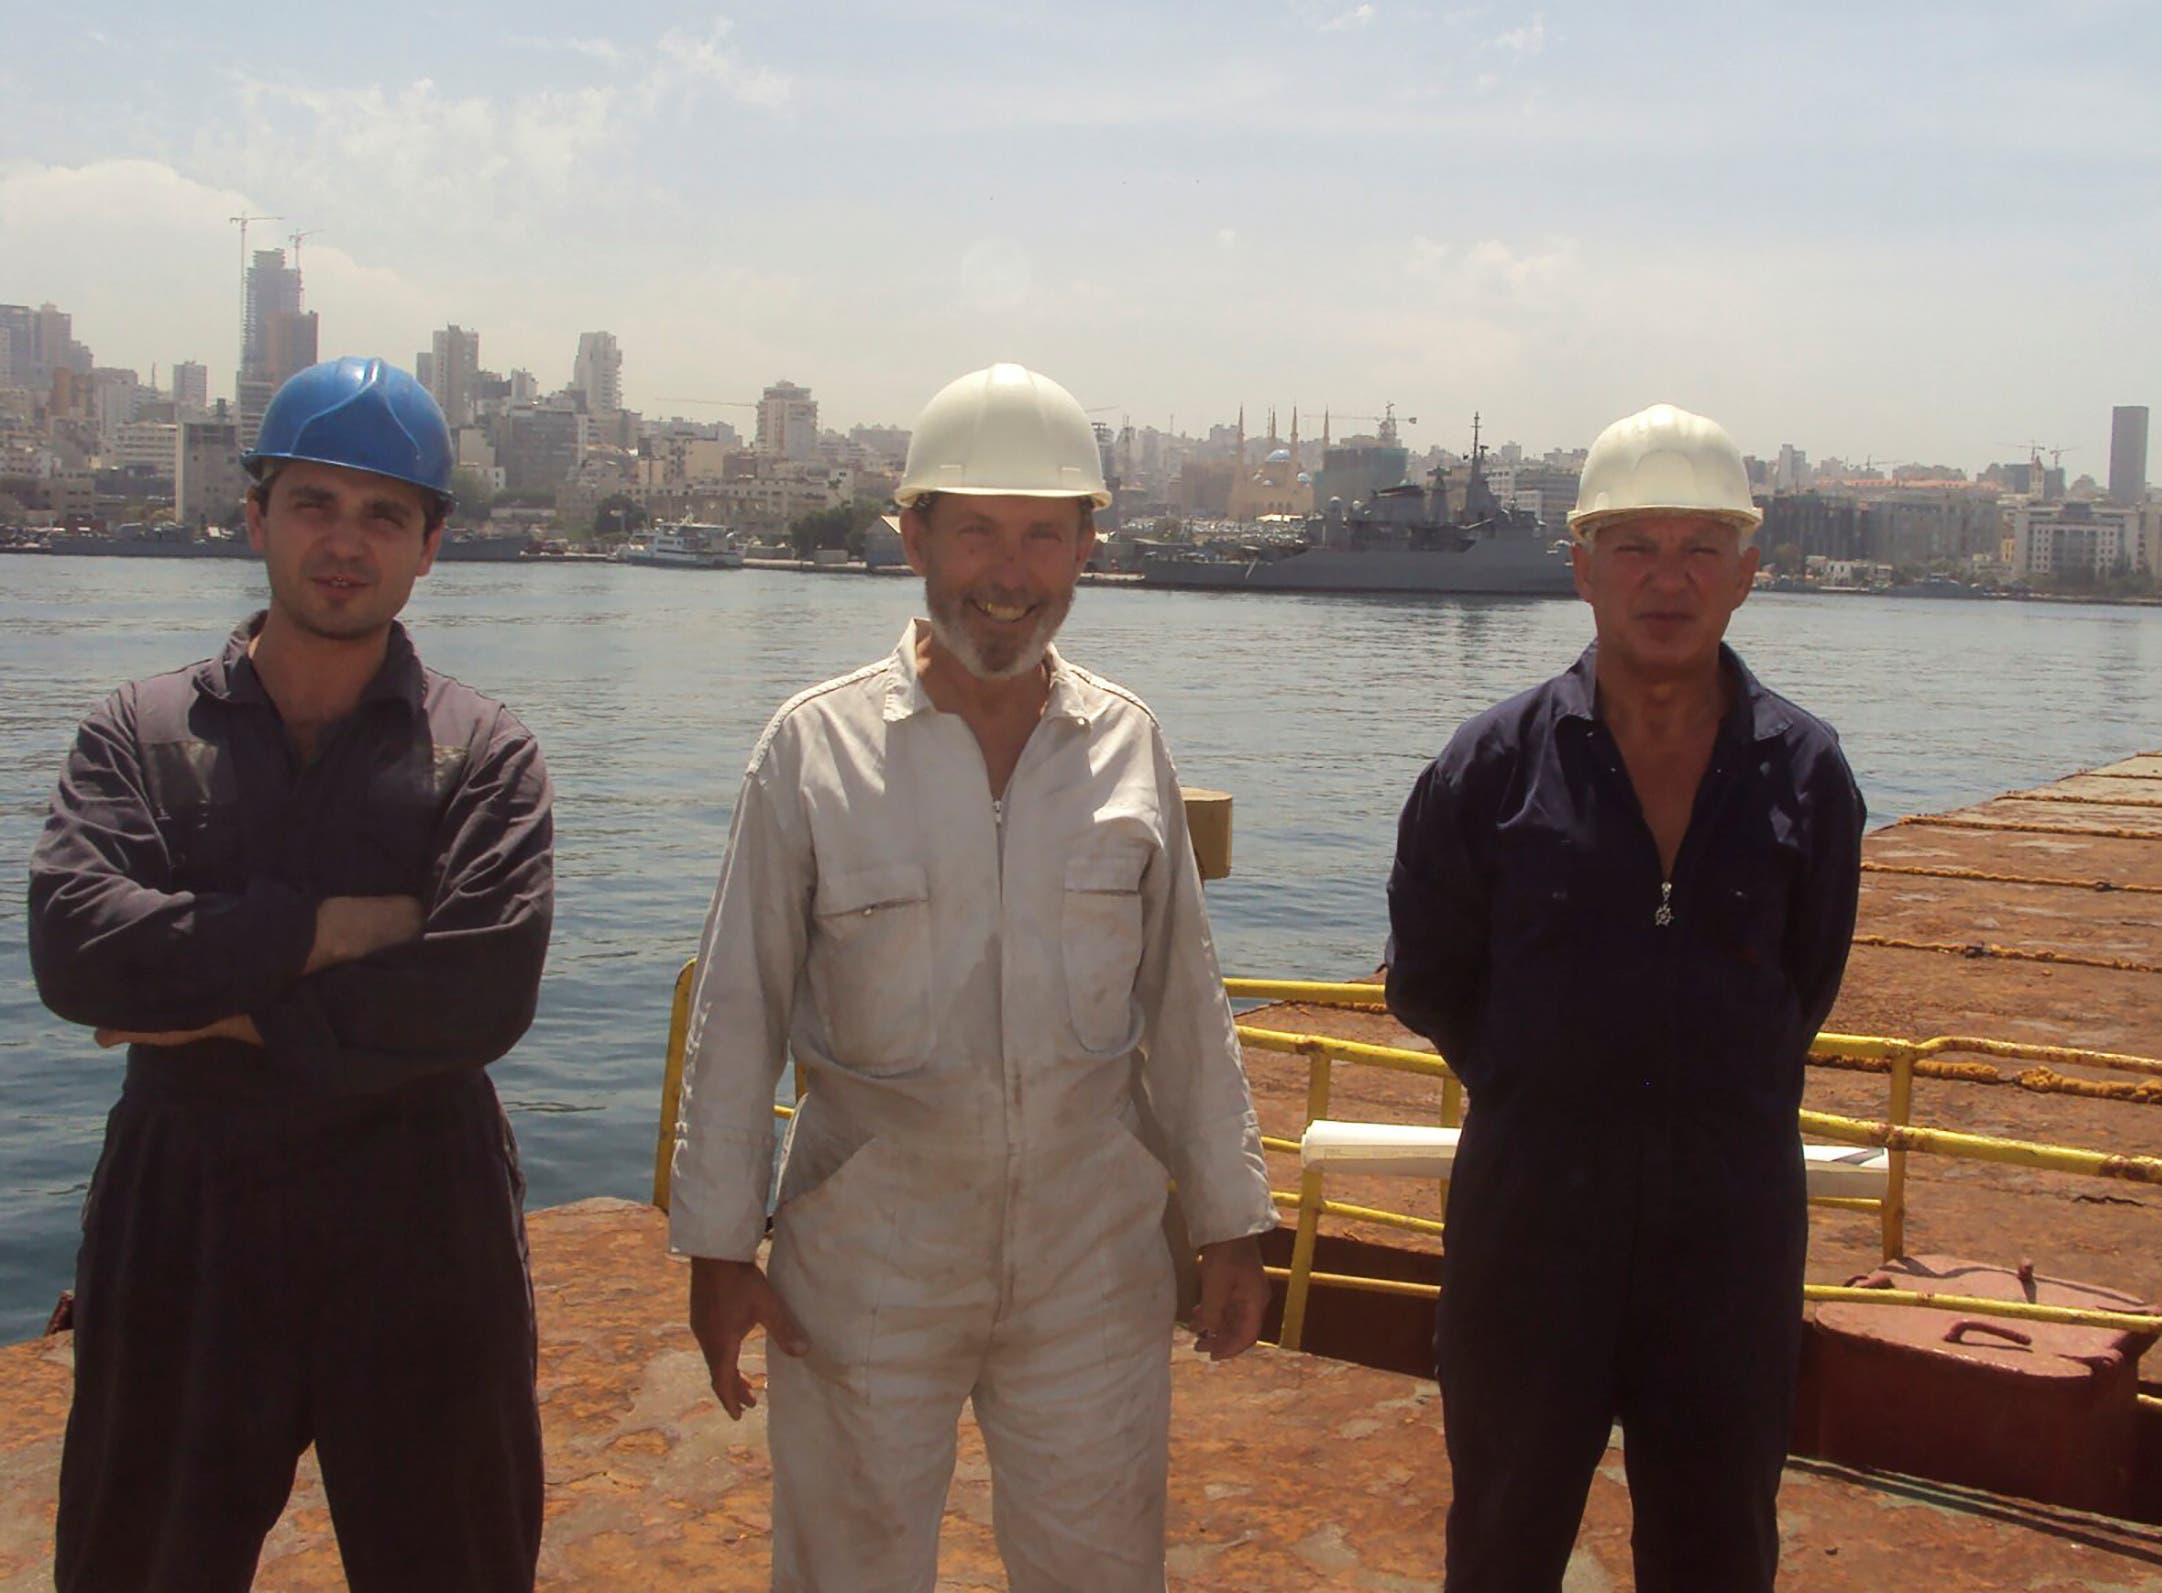 بوريس بروكوشيف قبطان سفينة روسوس وبوريس موسينشاك (يسار) وأحد أفراد الطاقم في ميناء بيروت - صيف 2014